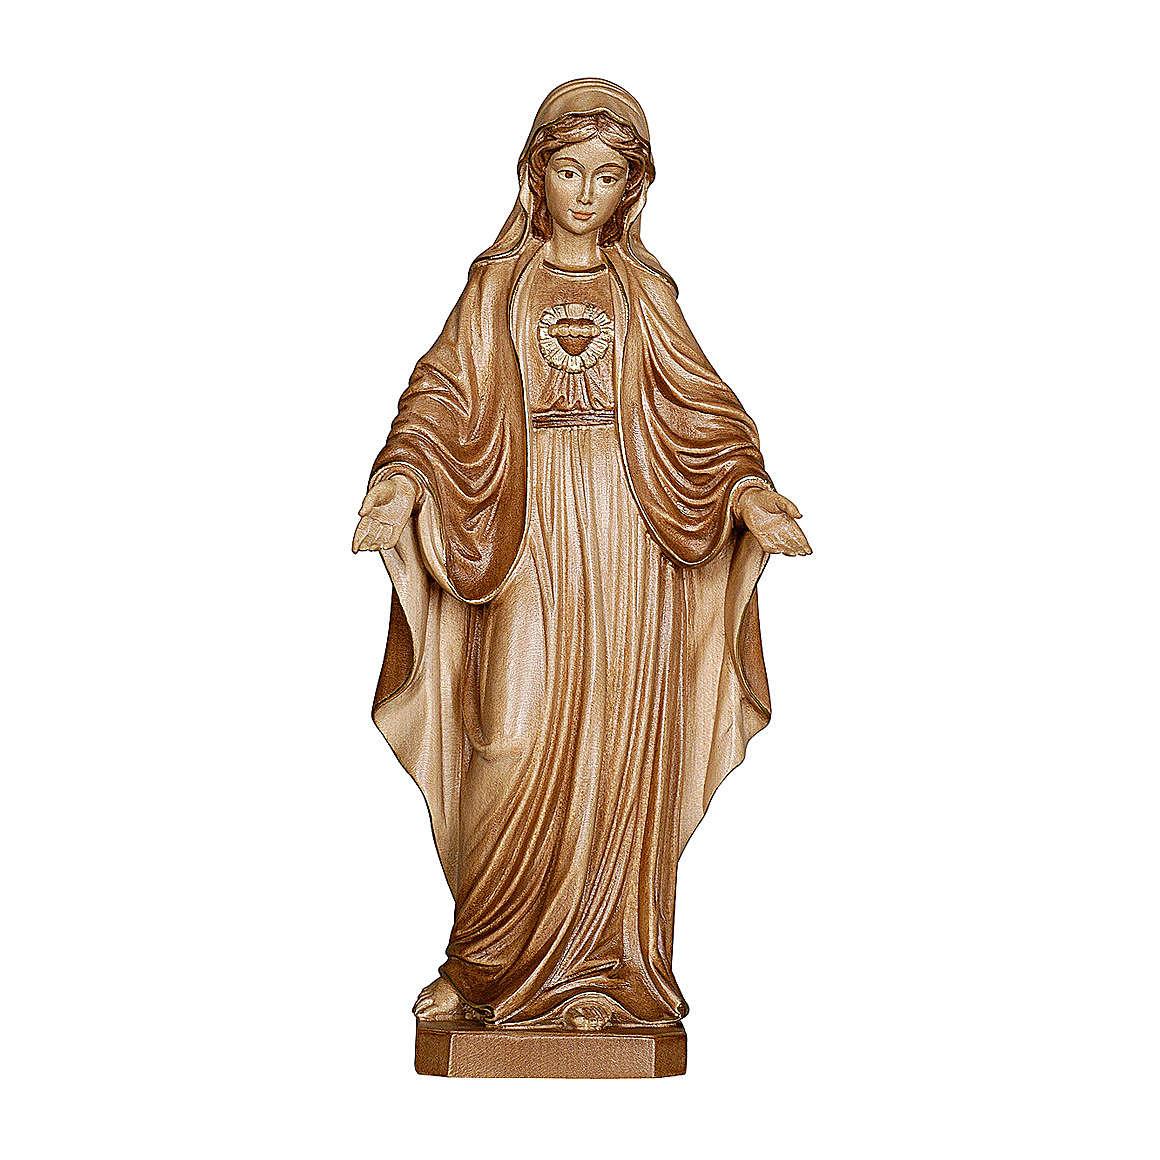 Imaculado Coração de Maria madeira Val Gardena brunida 3 tons 4